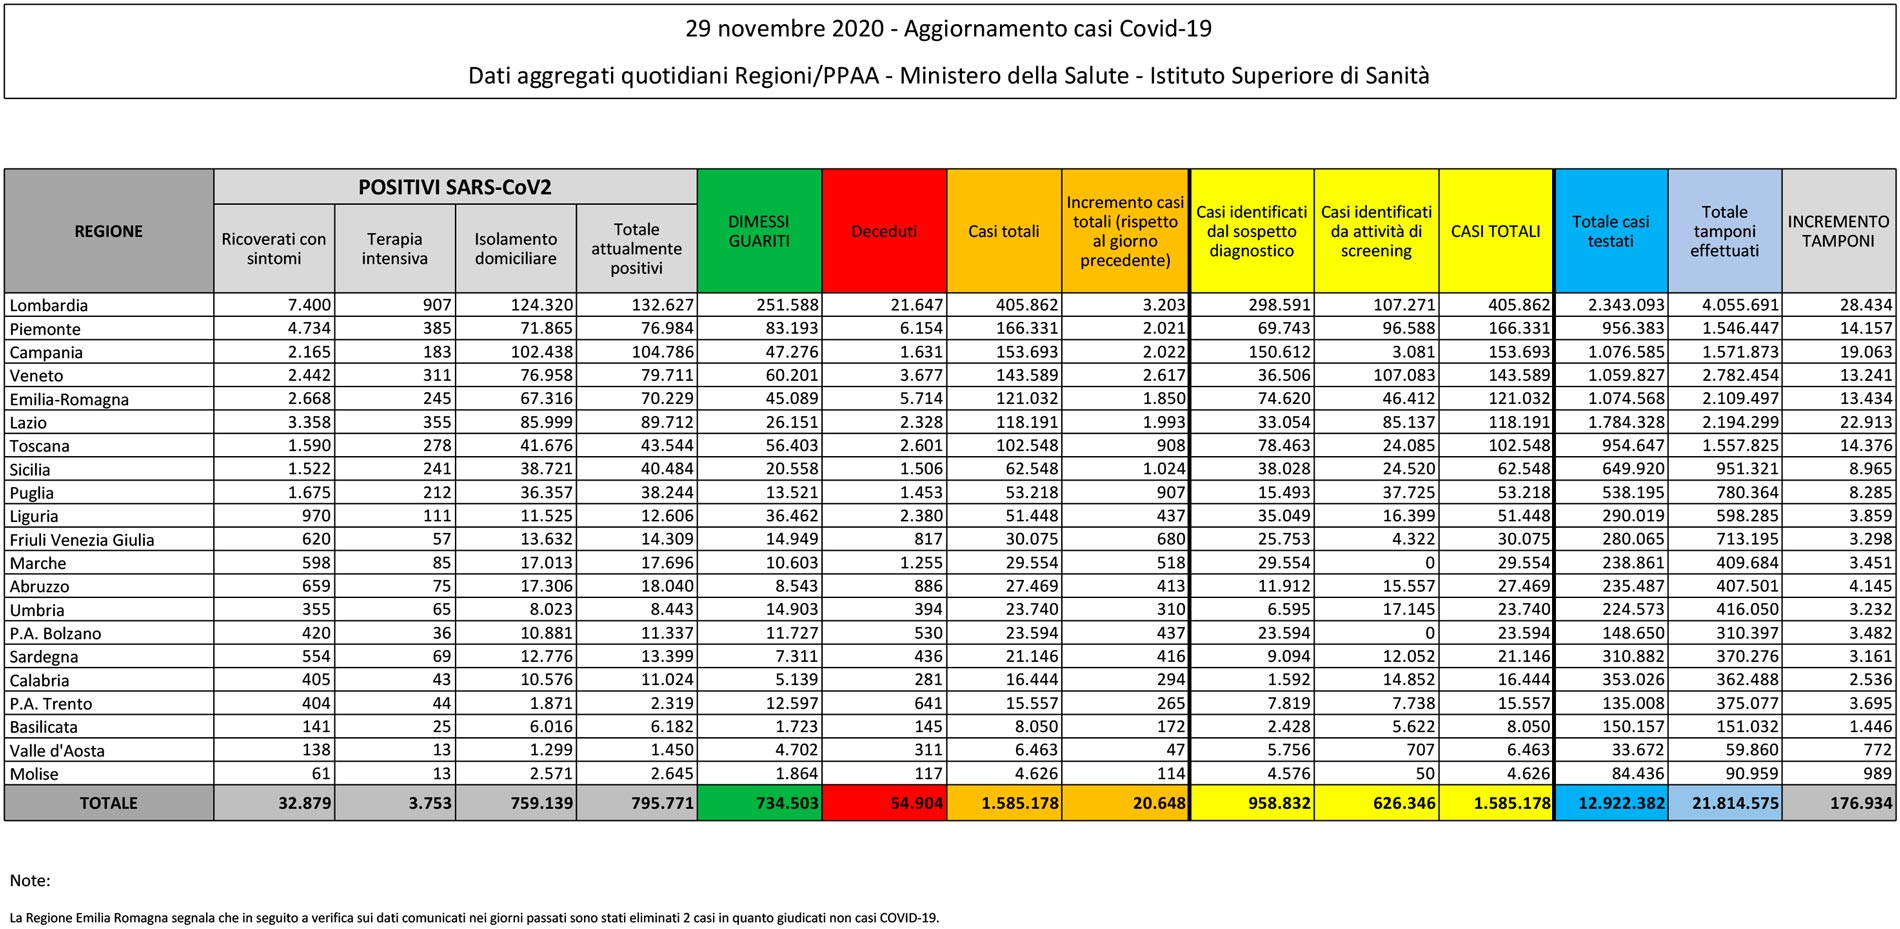 tabella del bollettino del 29 novembre 2020 contenente i dati sul coronavirus (o covid) in italia